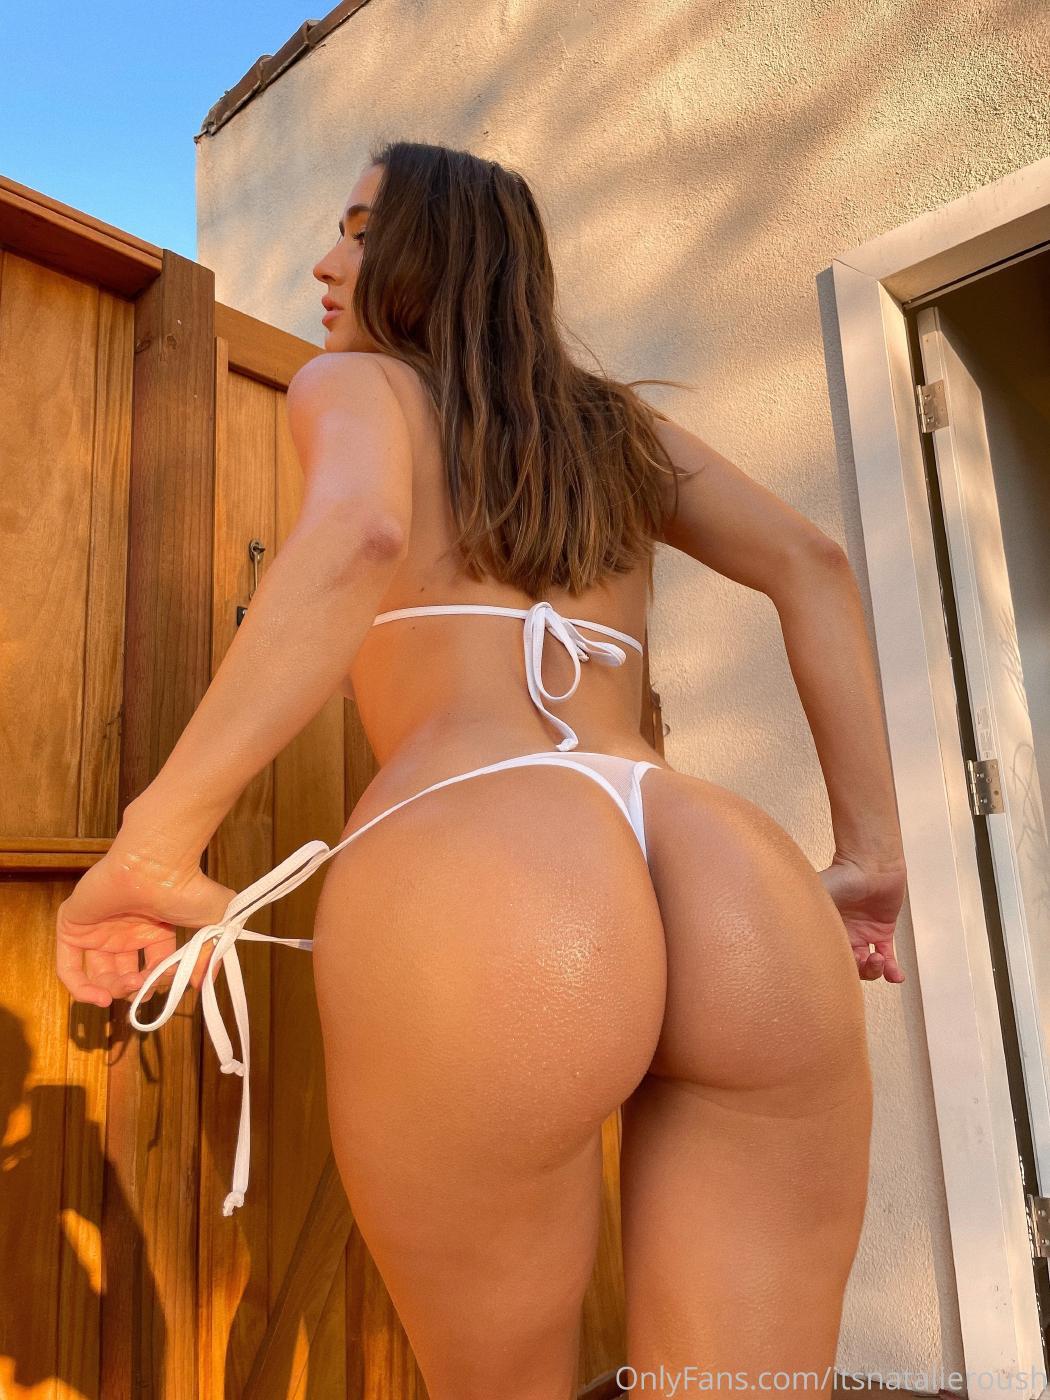 Natalie Roush Golden Hour Bikini Onlyfans Video Leaked